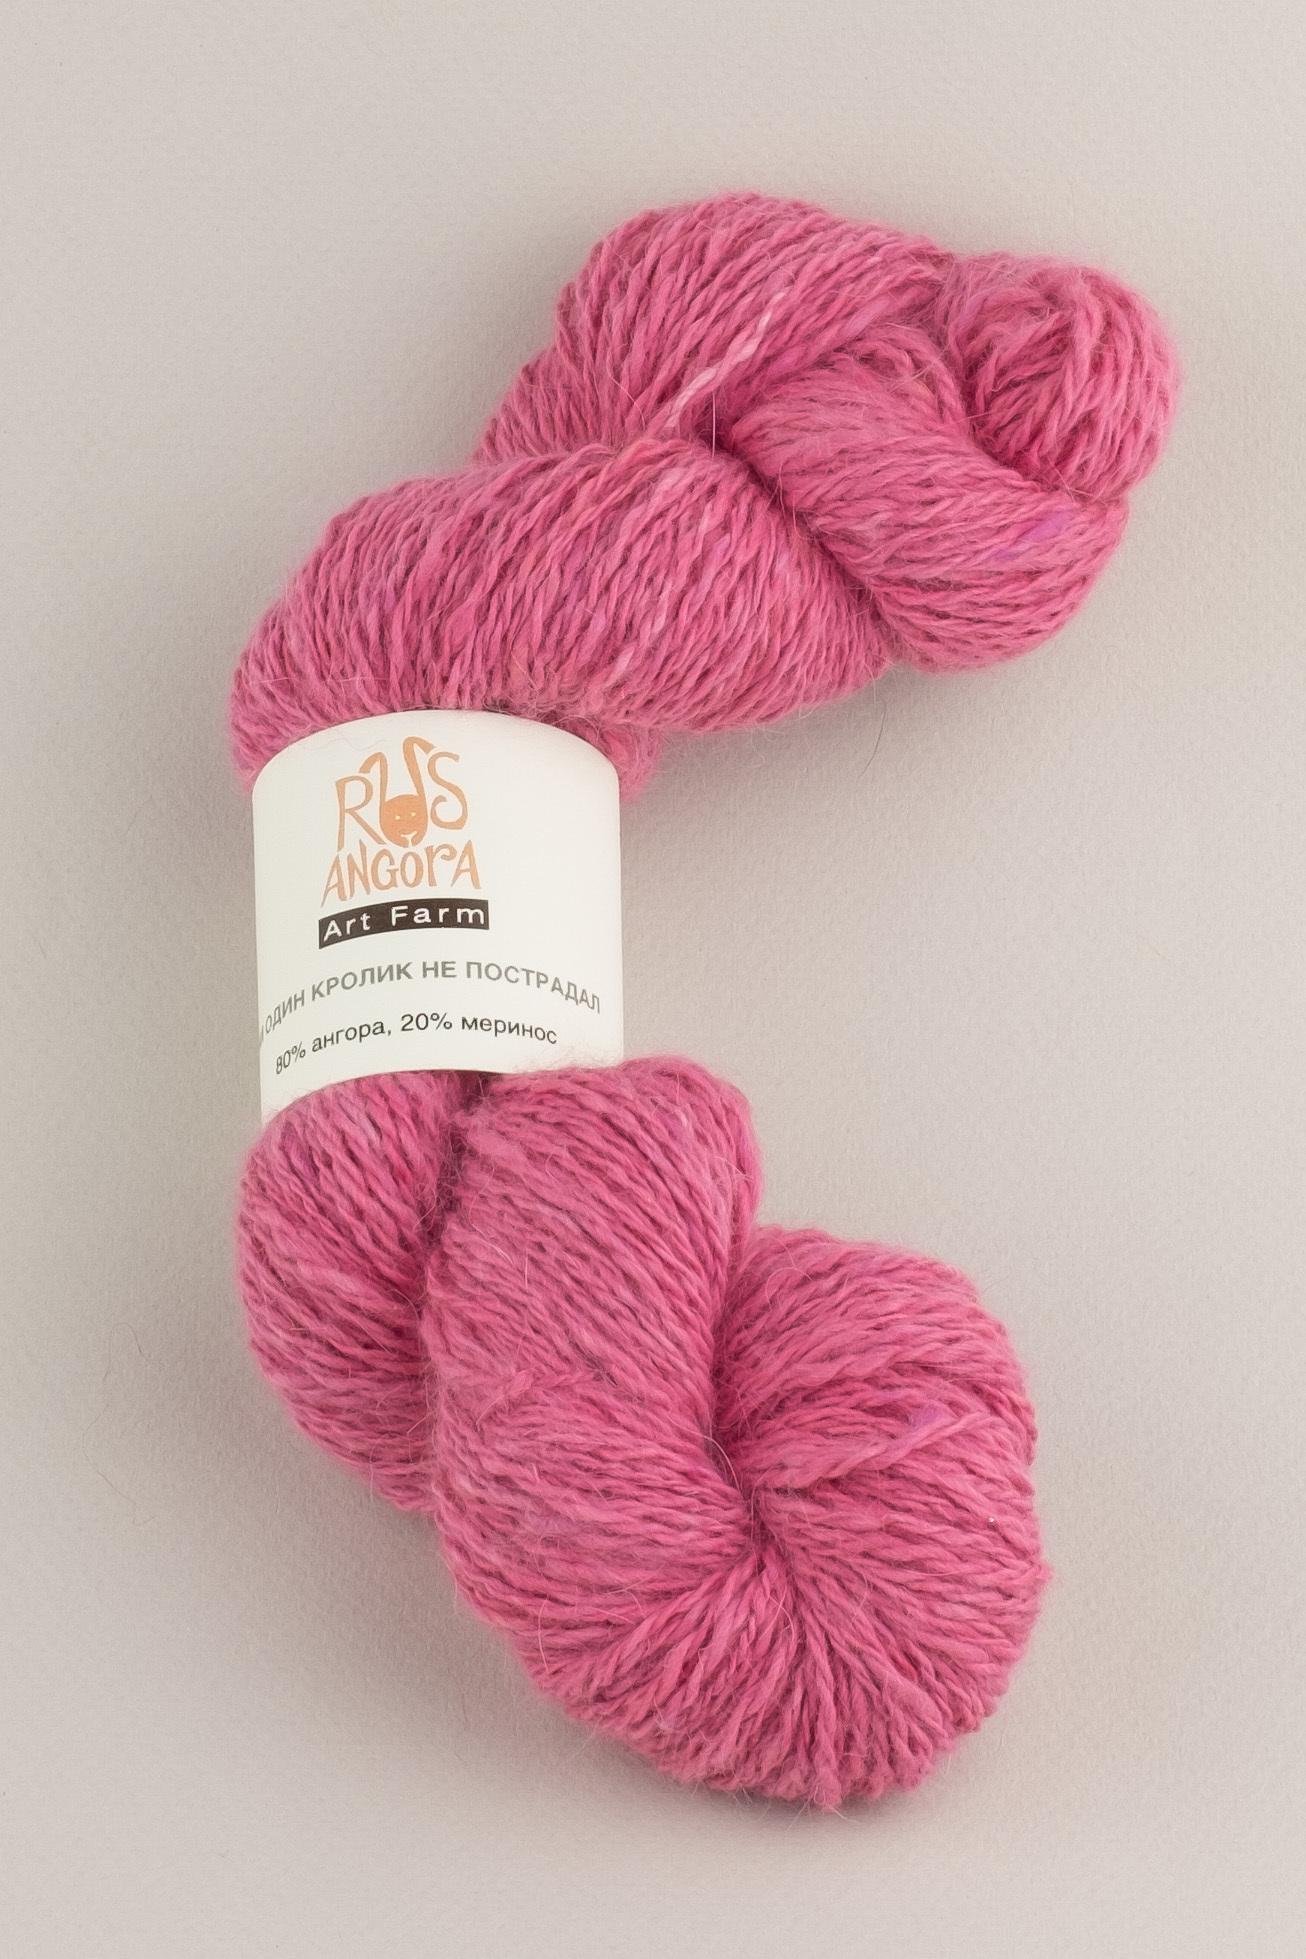 Пряжа из 100% ангоры ручной работы малиновая розовая